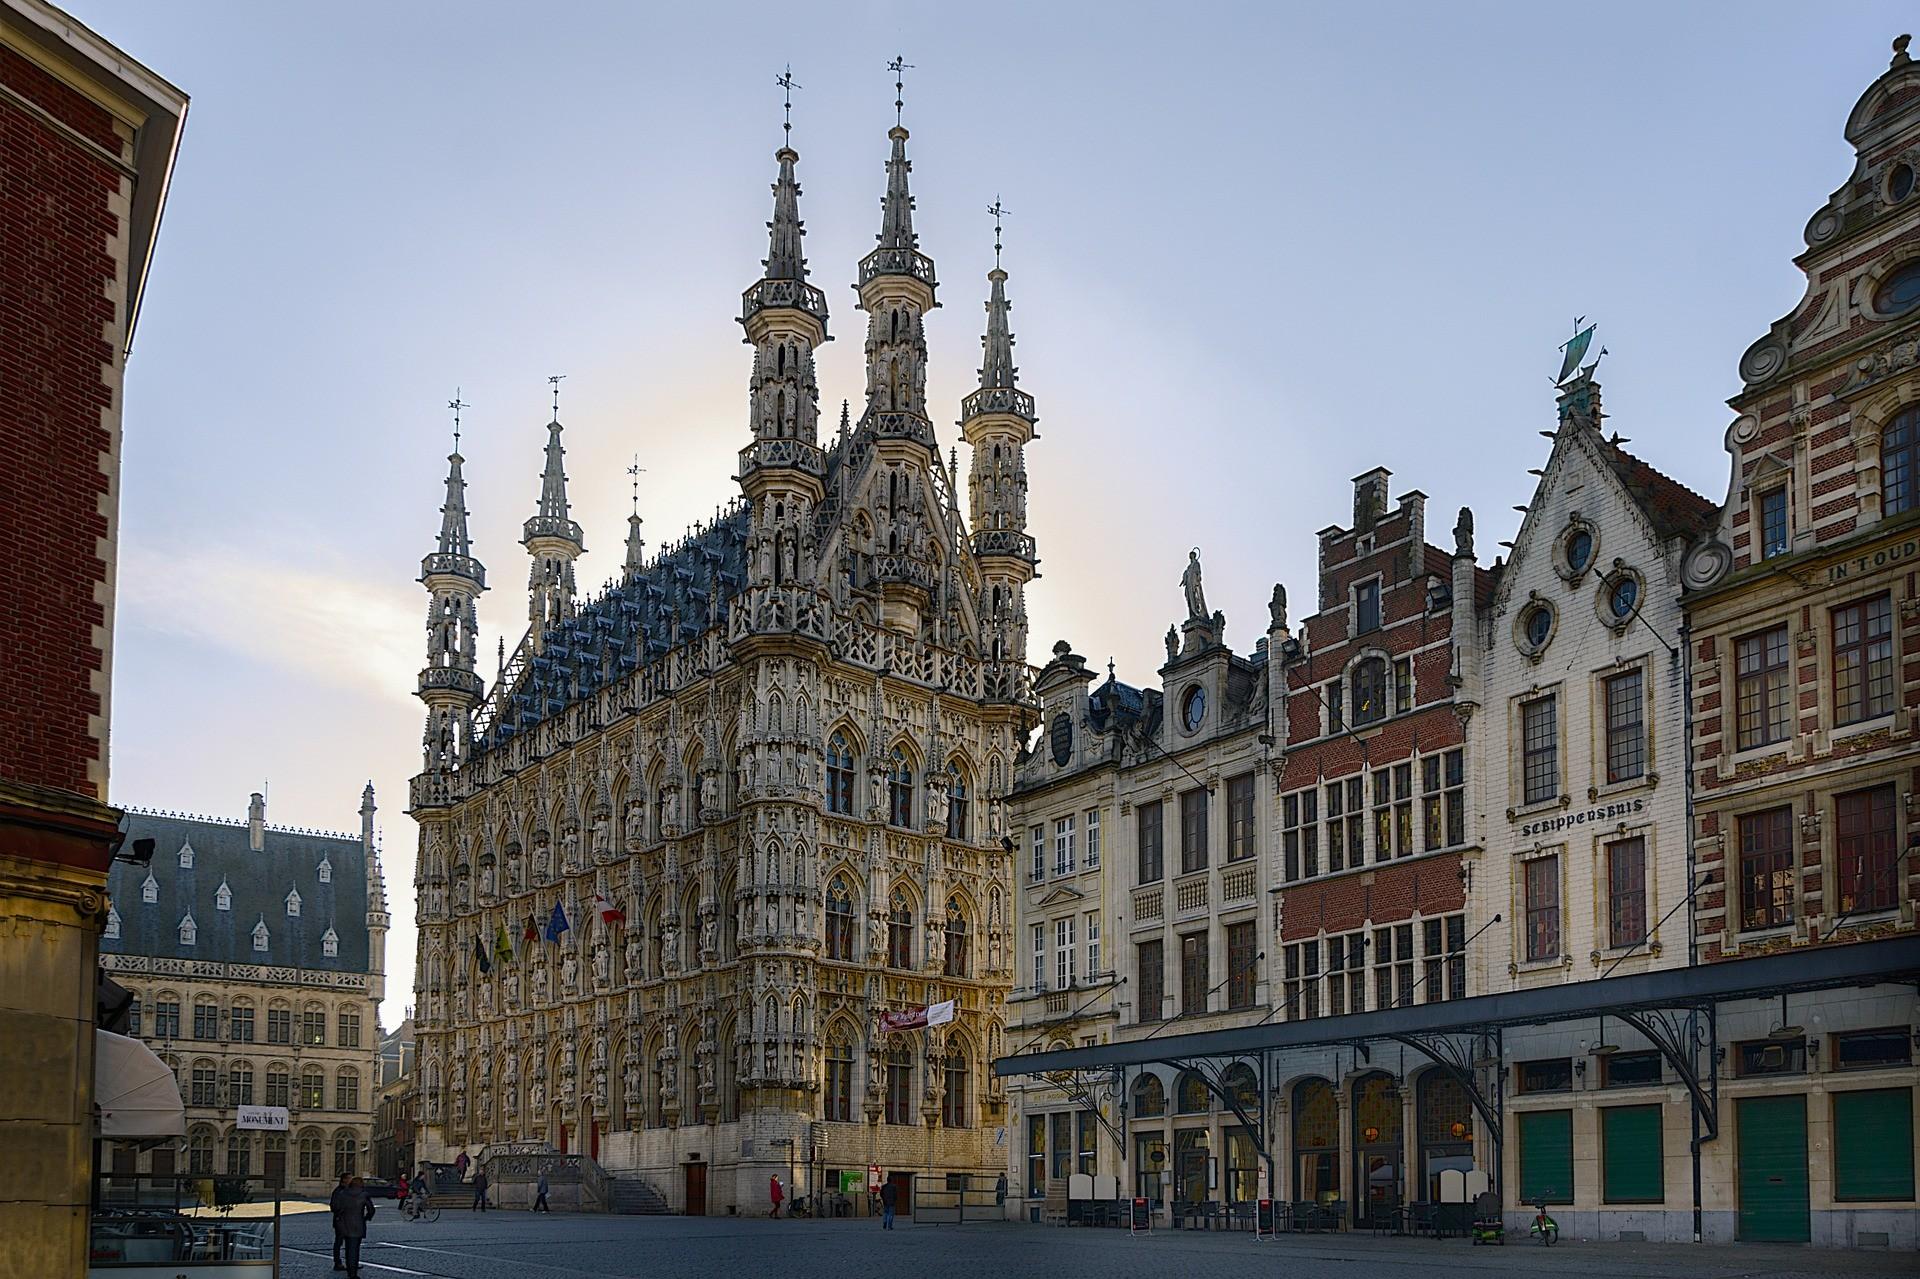 Doświadczenie w Leuven, Belgia według Pameli